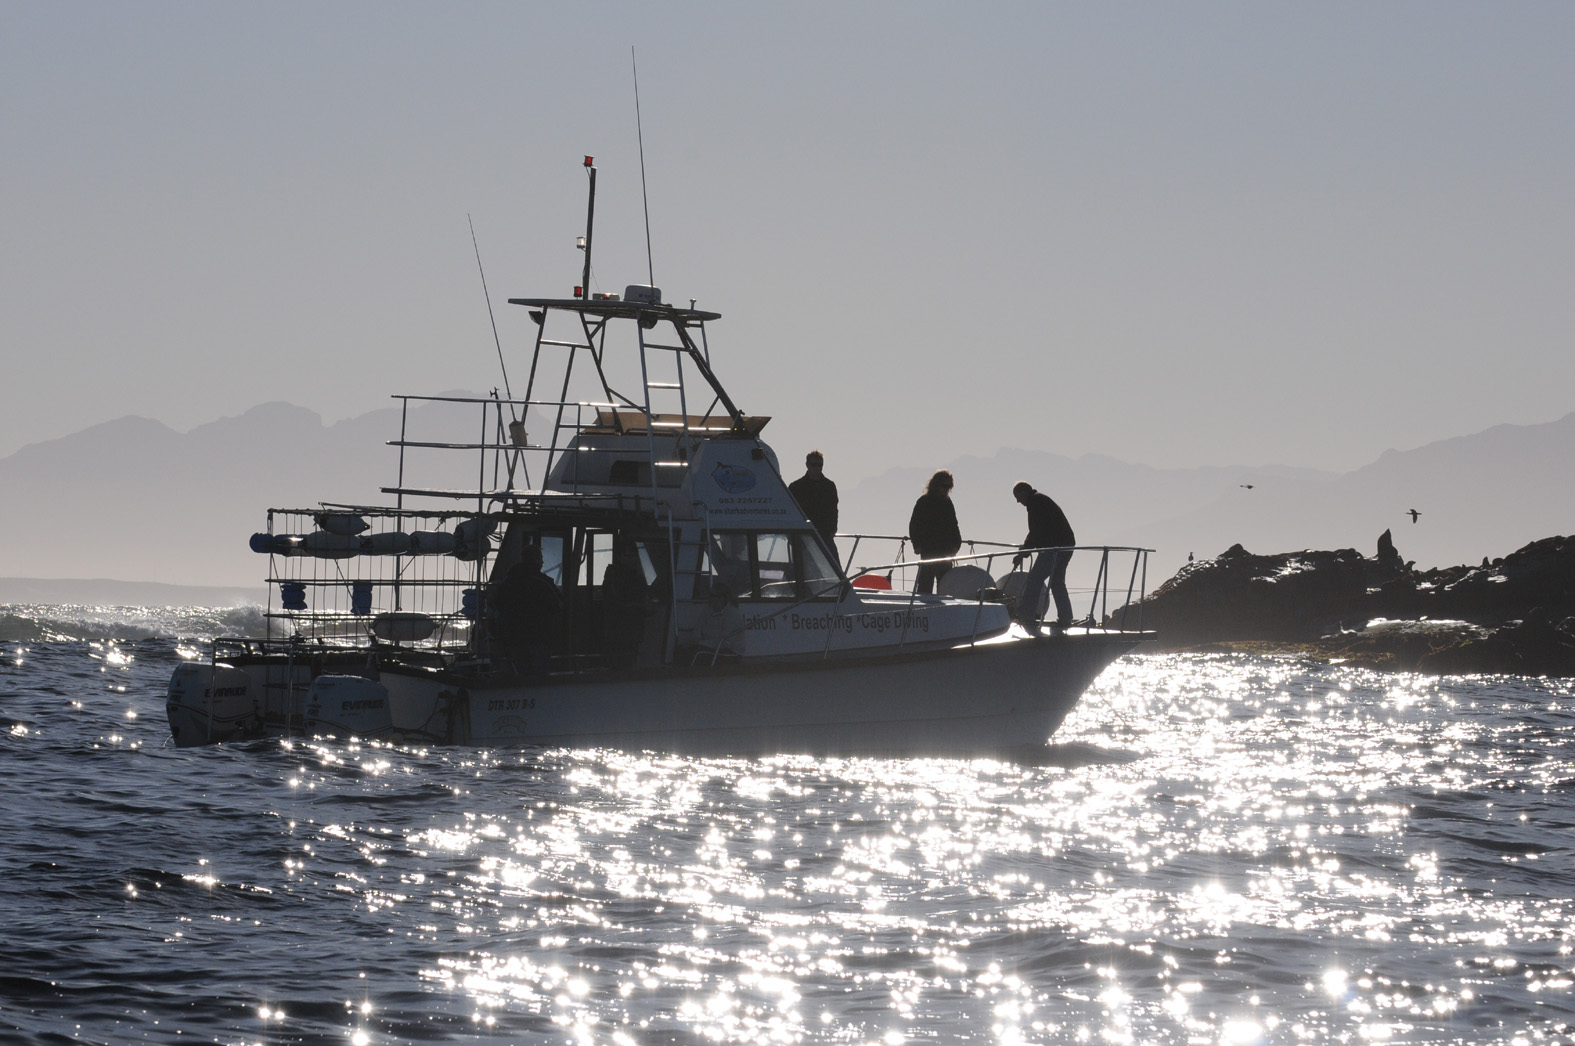 foto van schip voor cagediven op zee bij lage zon en weerspiegeling